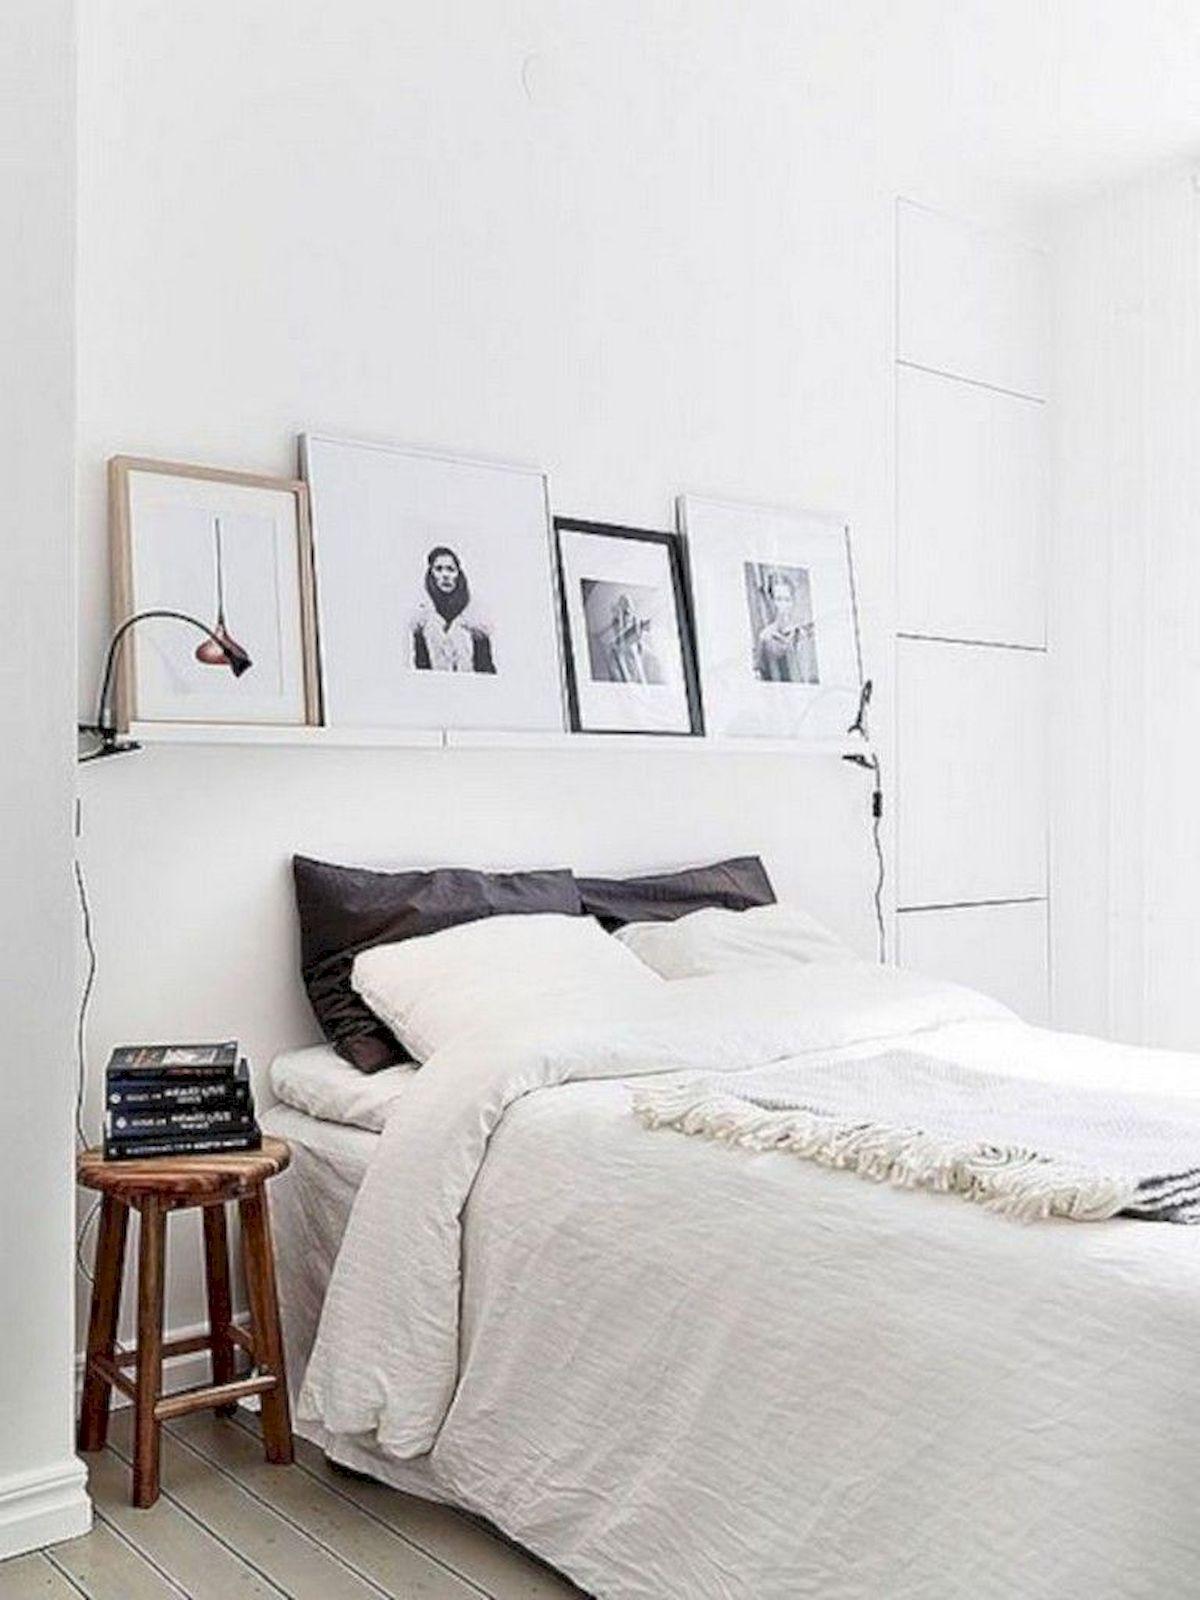 Bedroom Scandinavian Style And Decoration Jihanshanum Scandinavian Interior Bedroom Simple Bedroom Modern Bedroom Design